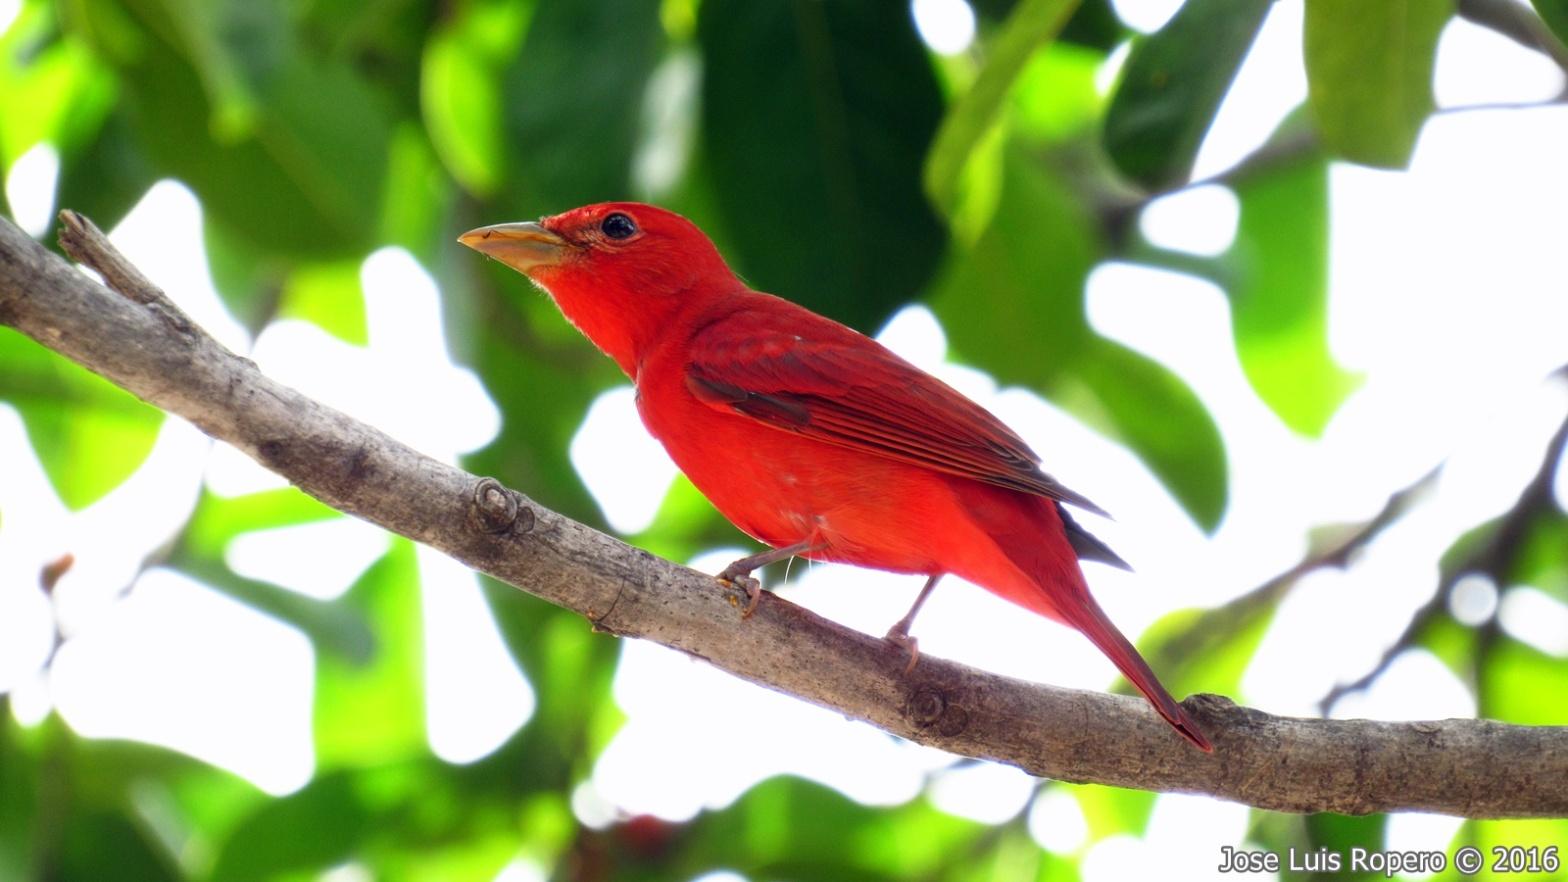 Ave de color rojo posada en una rama